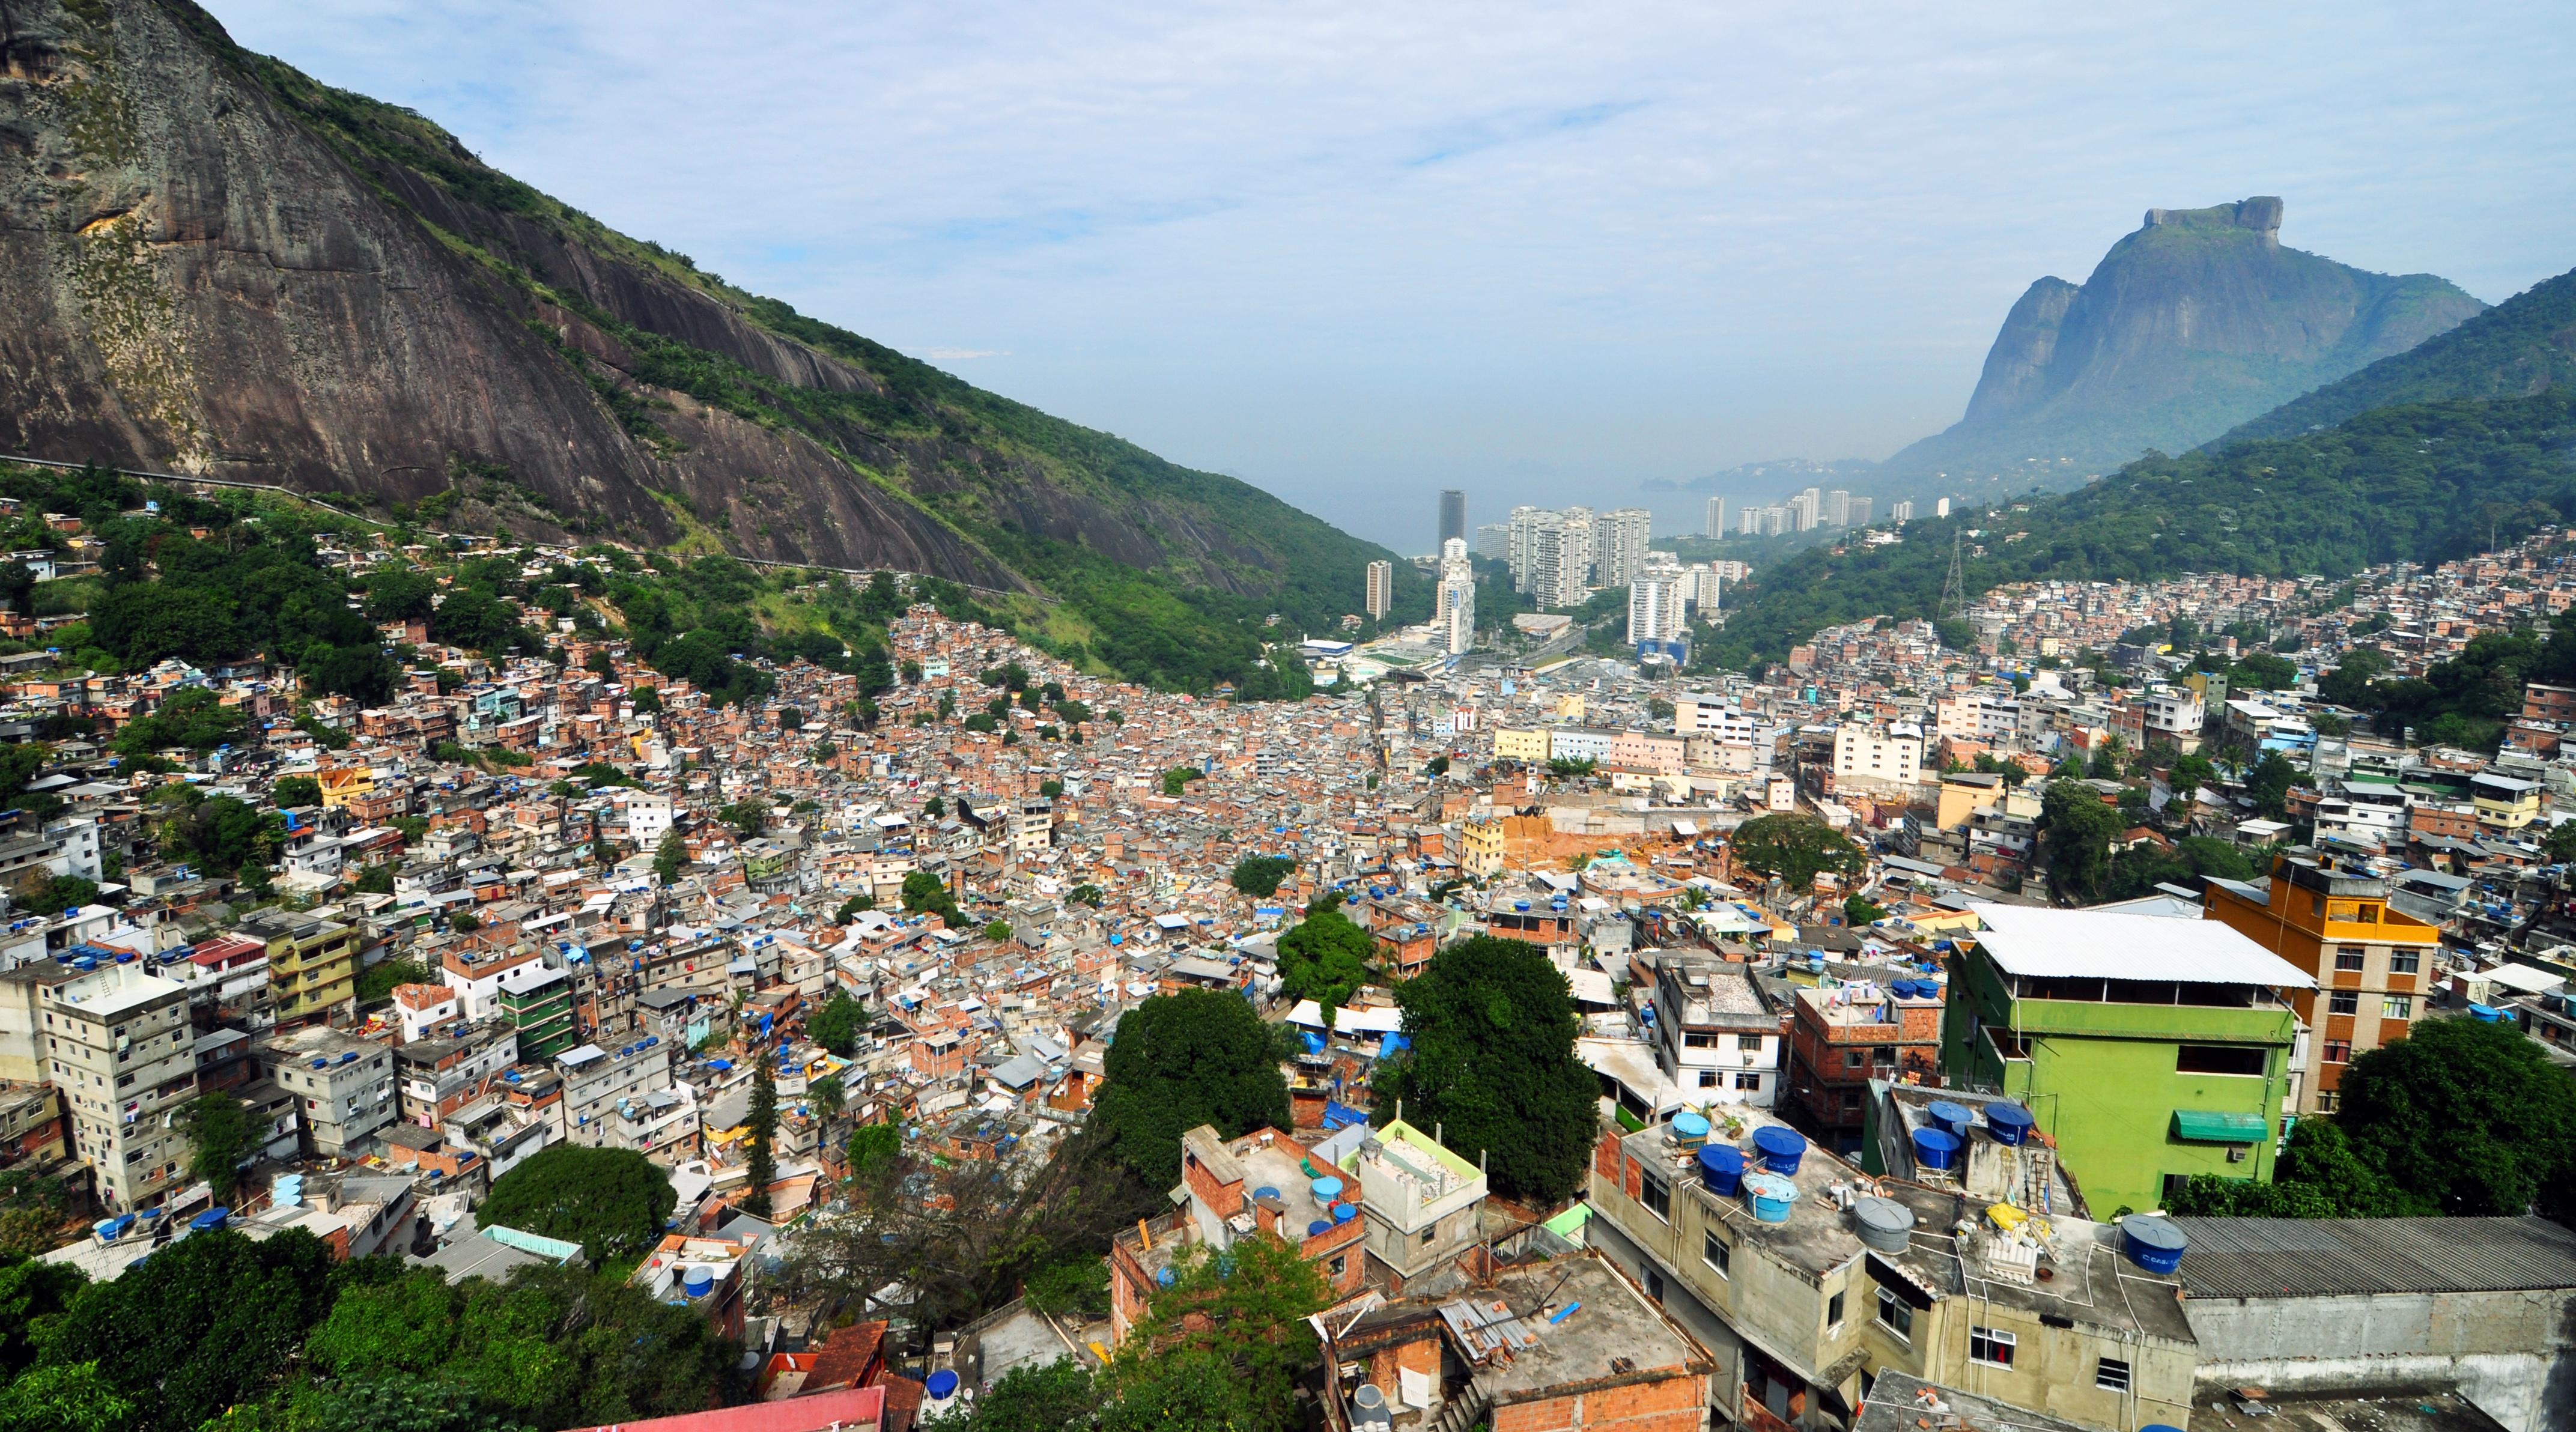 География ЧМ-2014. Рио-де-Жанейро - изображение 7